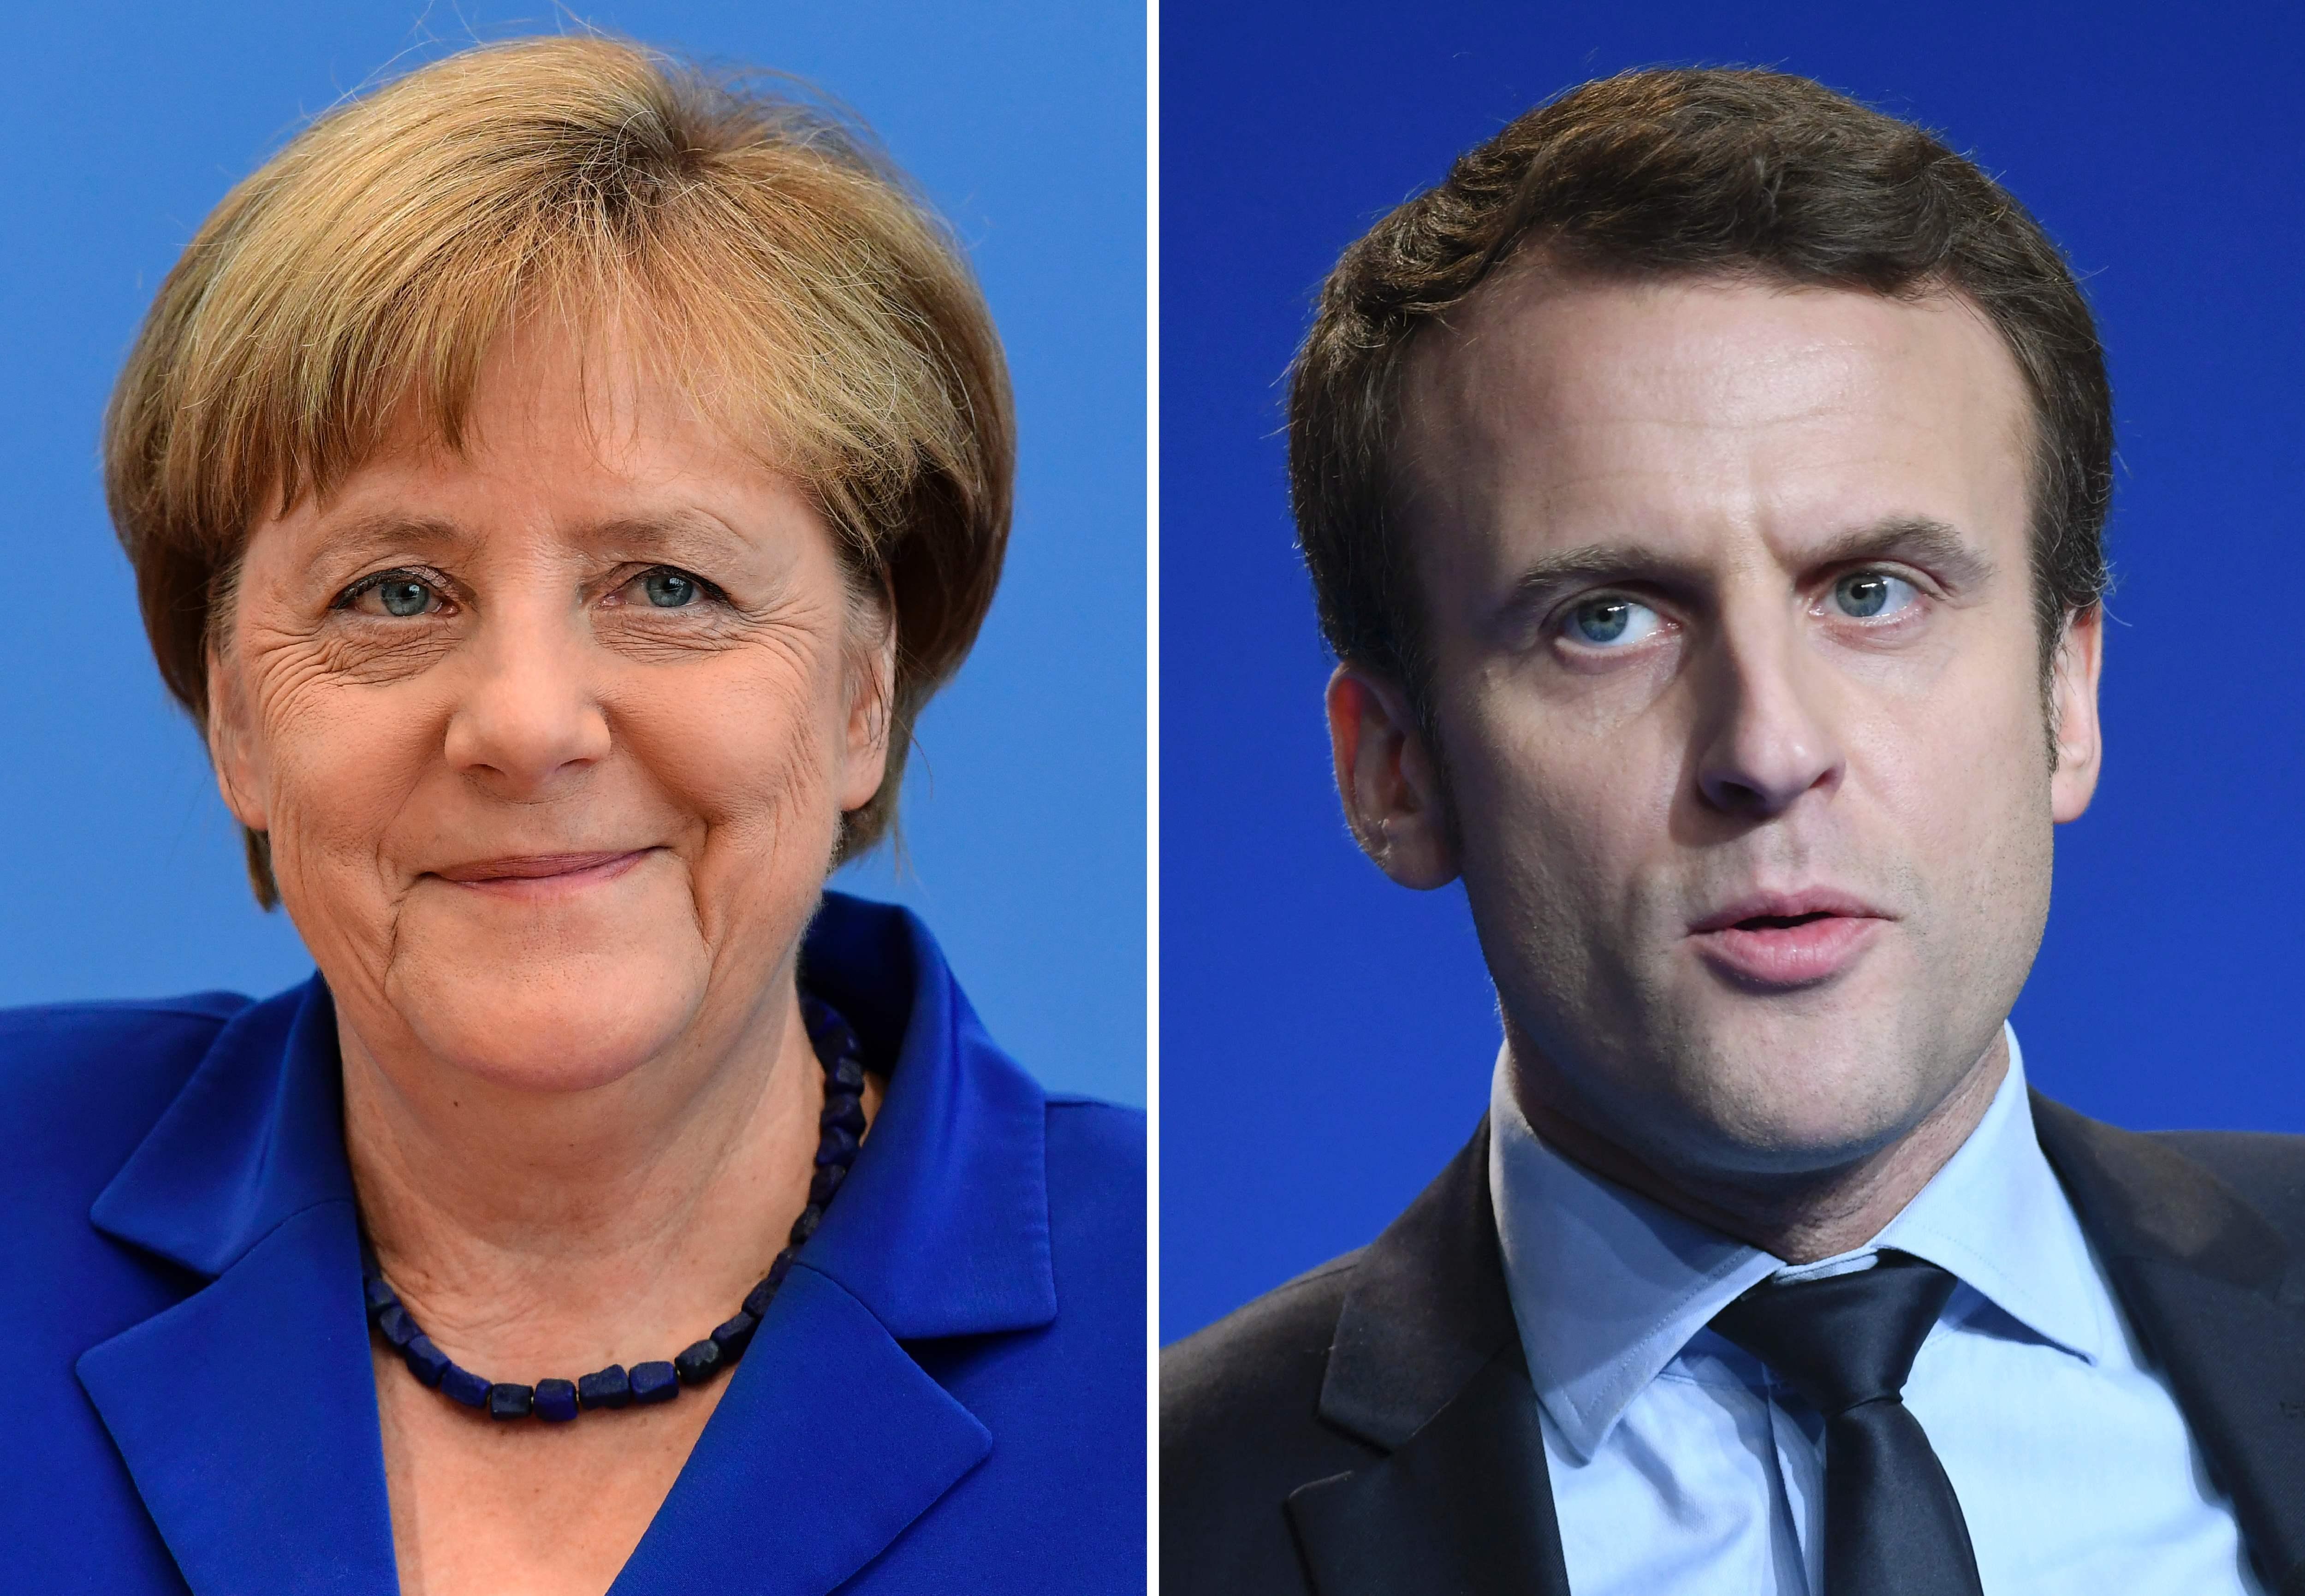 Image for Macroni reformikava võib kaasa tuua hõõrumisi Berliiniga